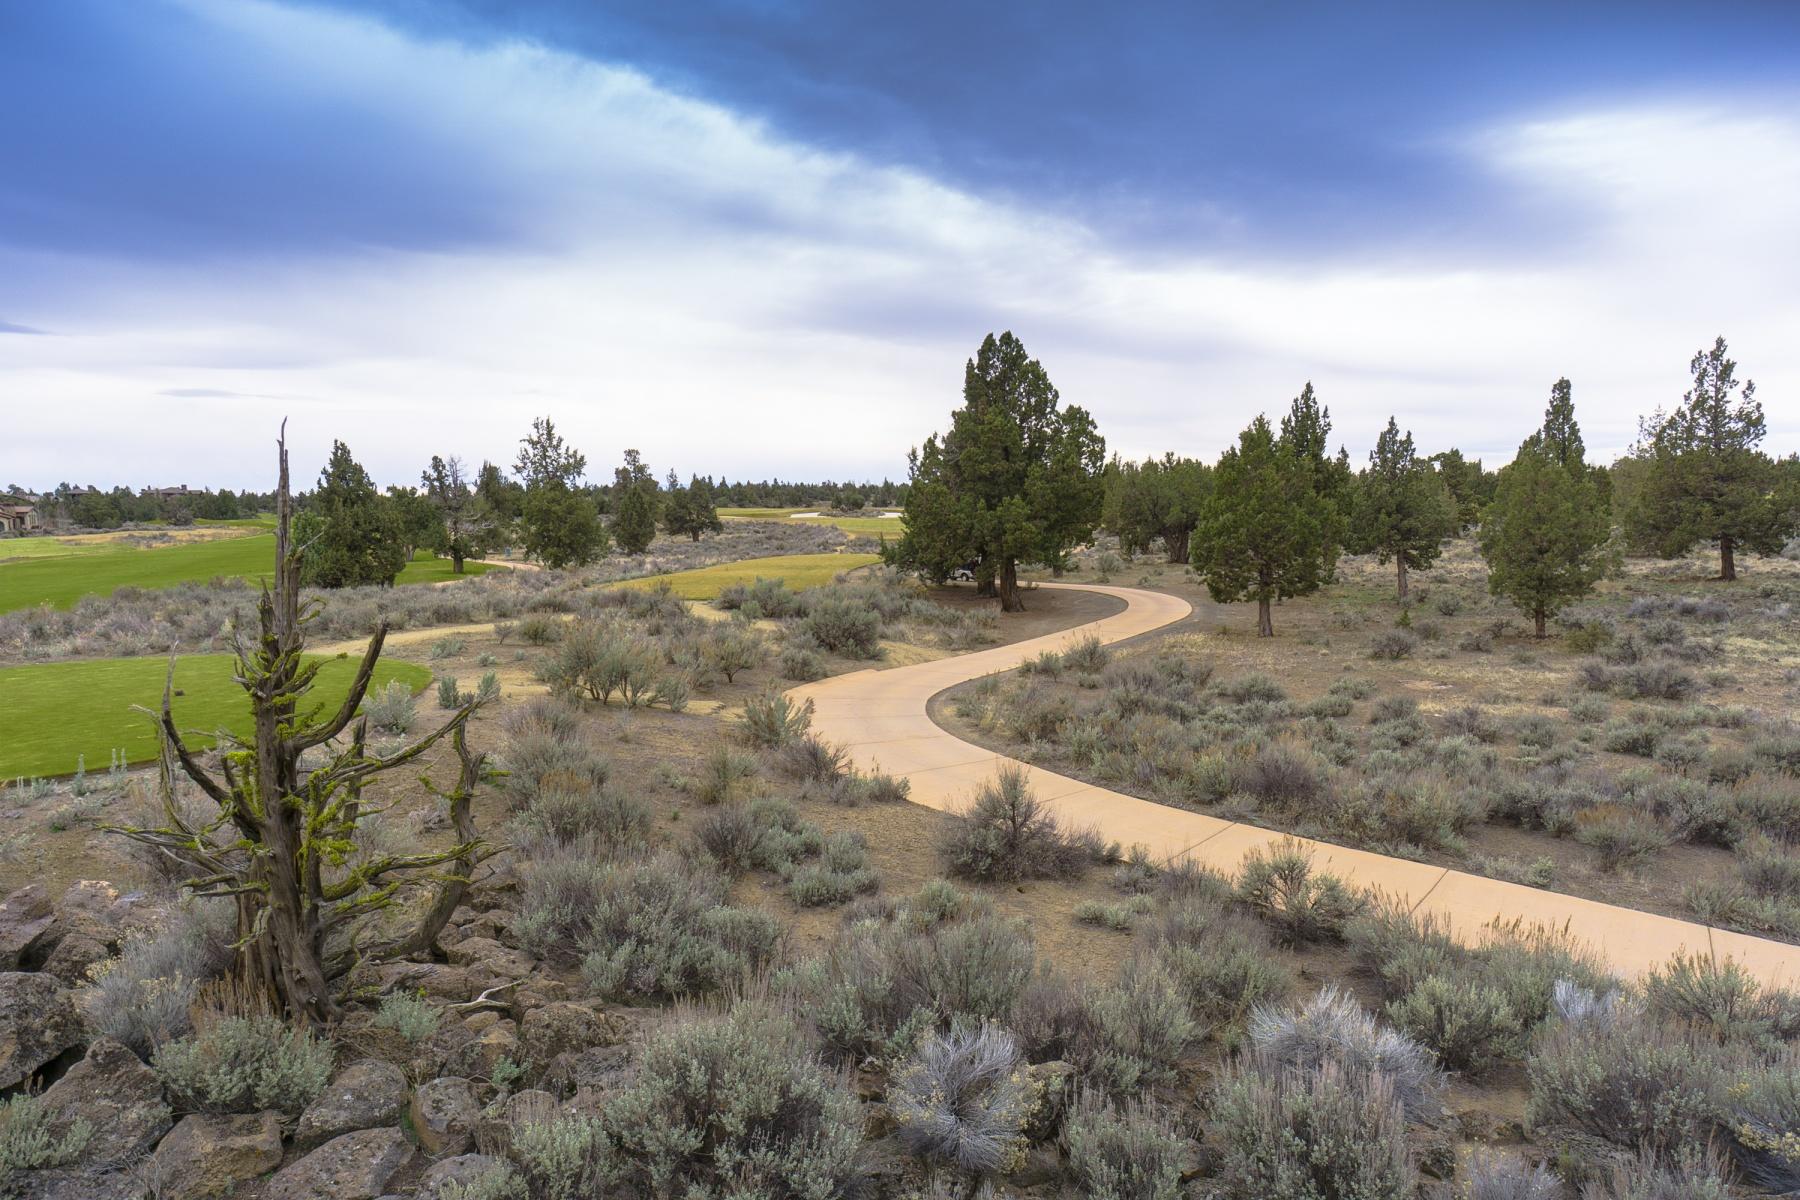 Terreno por un Venta en 23117 Watercourse Way Lot 52, BEND Bend, Oregon, 97701 Estados Unidos